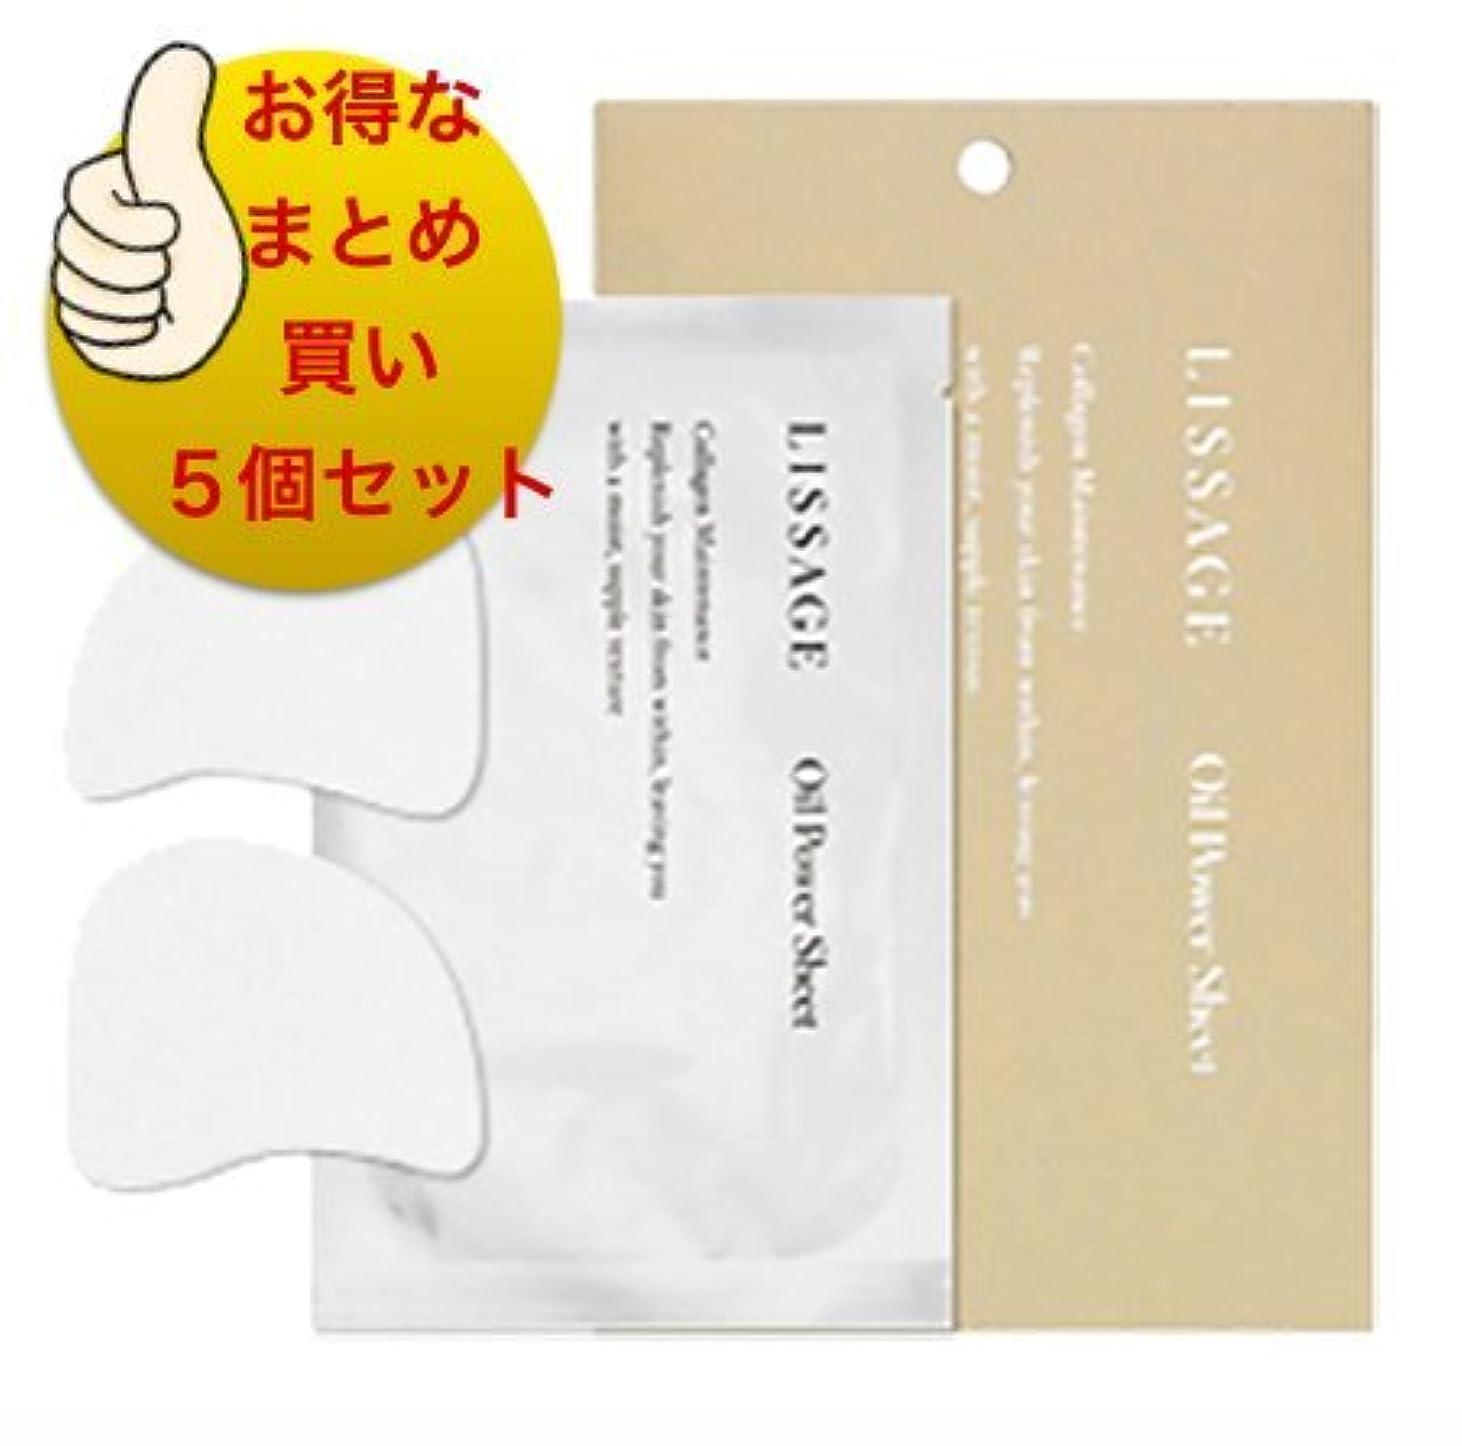 結紮年金受給者小間【リサージ】LISSAGE (リサージ) オイルパワーシート (3セット (6枚)) .の5個まとめ買いセット